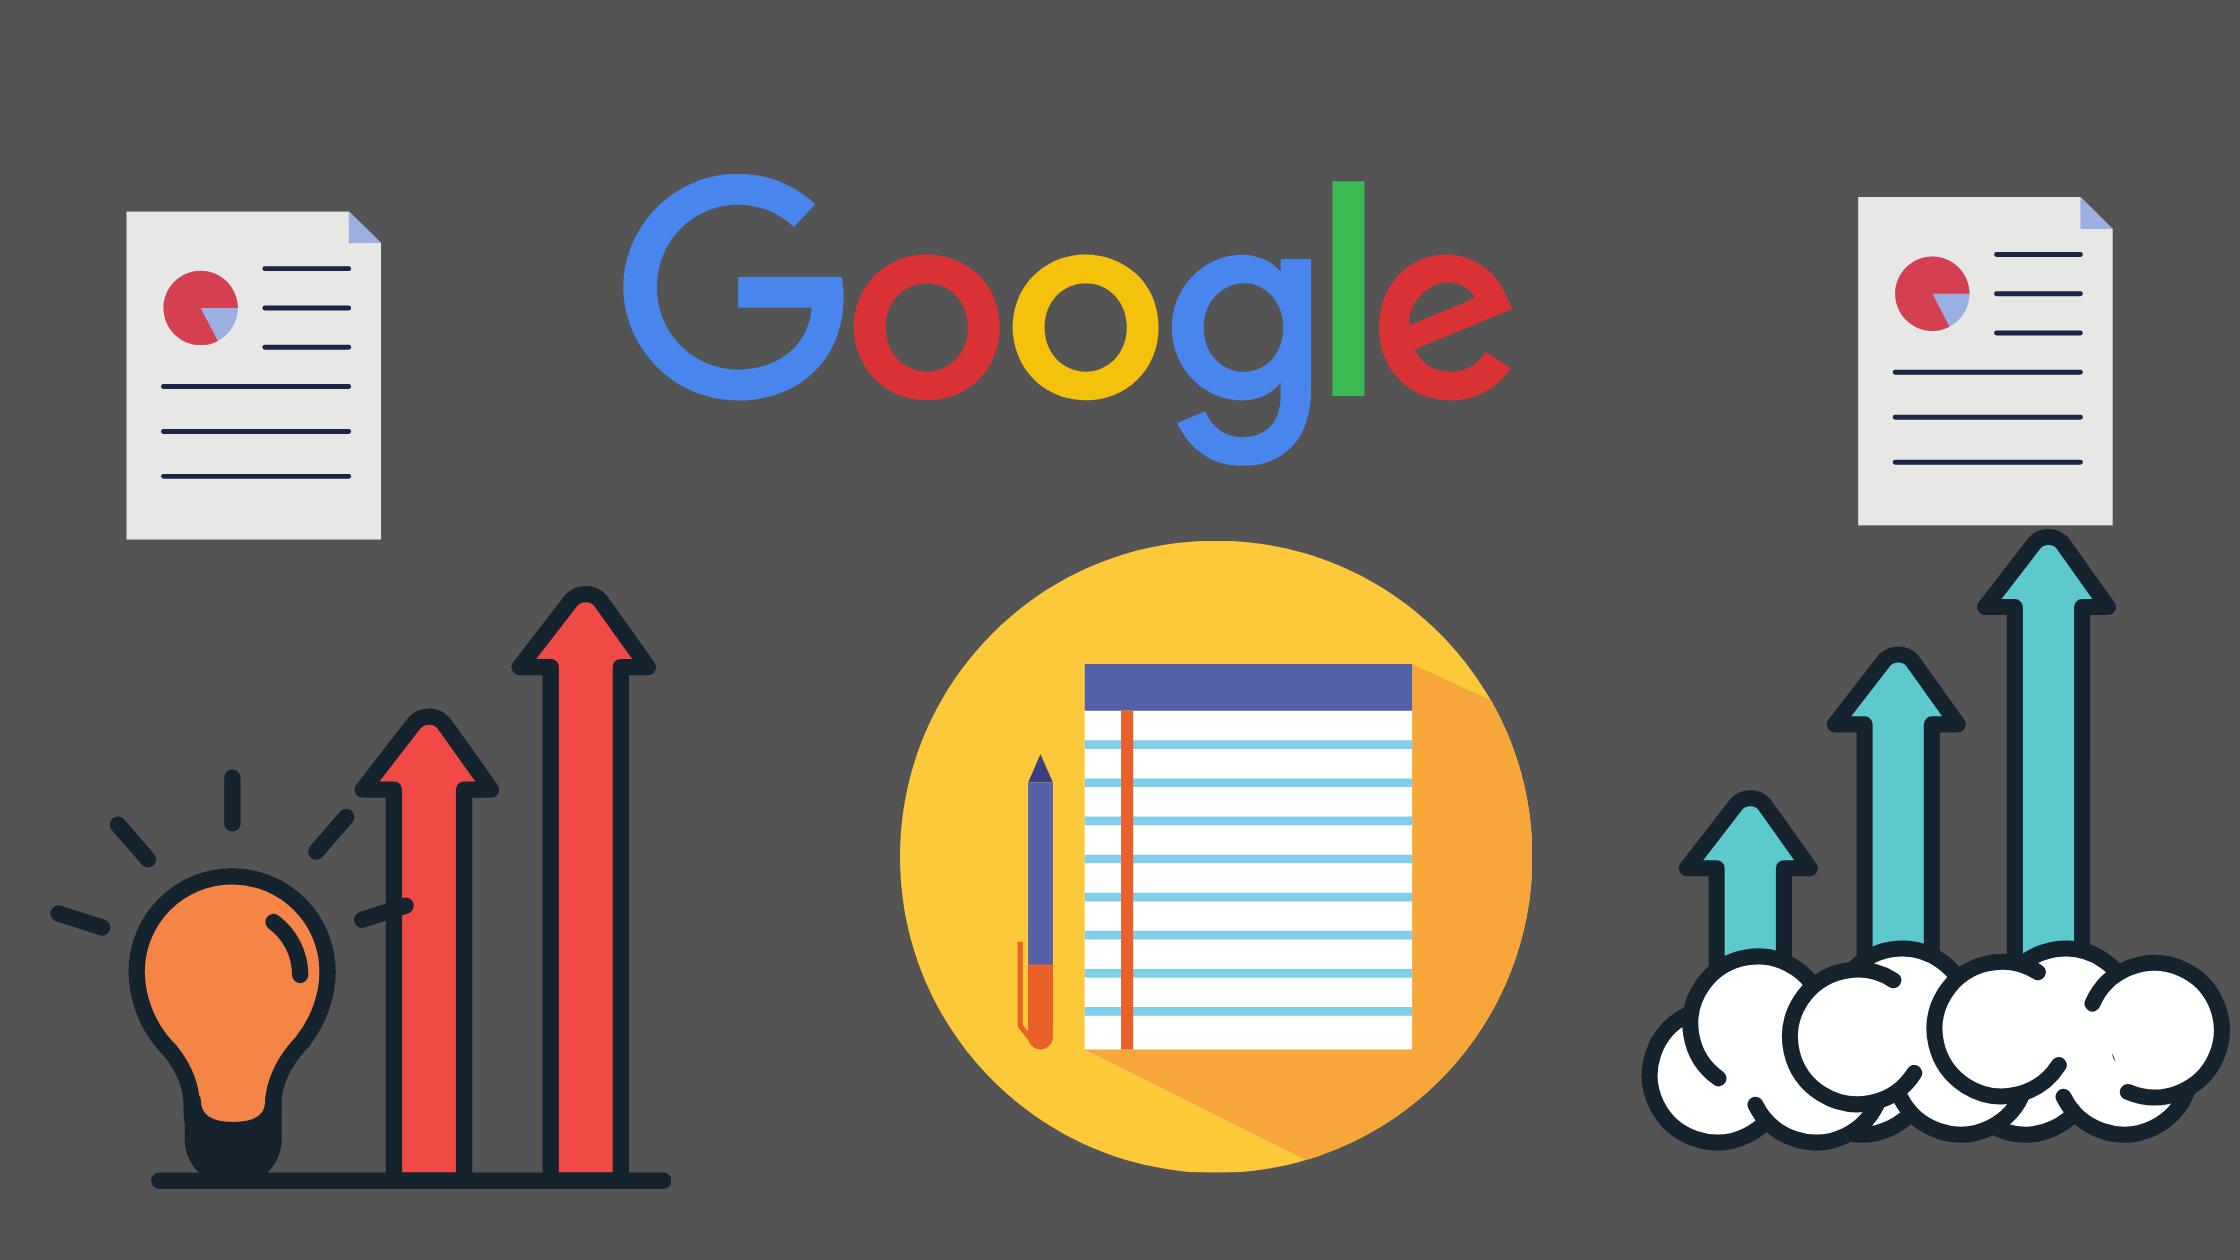 Раскрыты подробности Google Passage Indexing в ходе видеовстречи